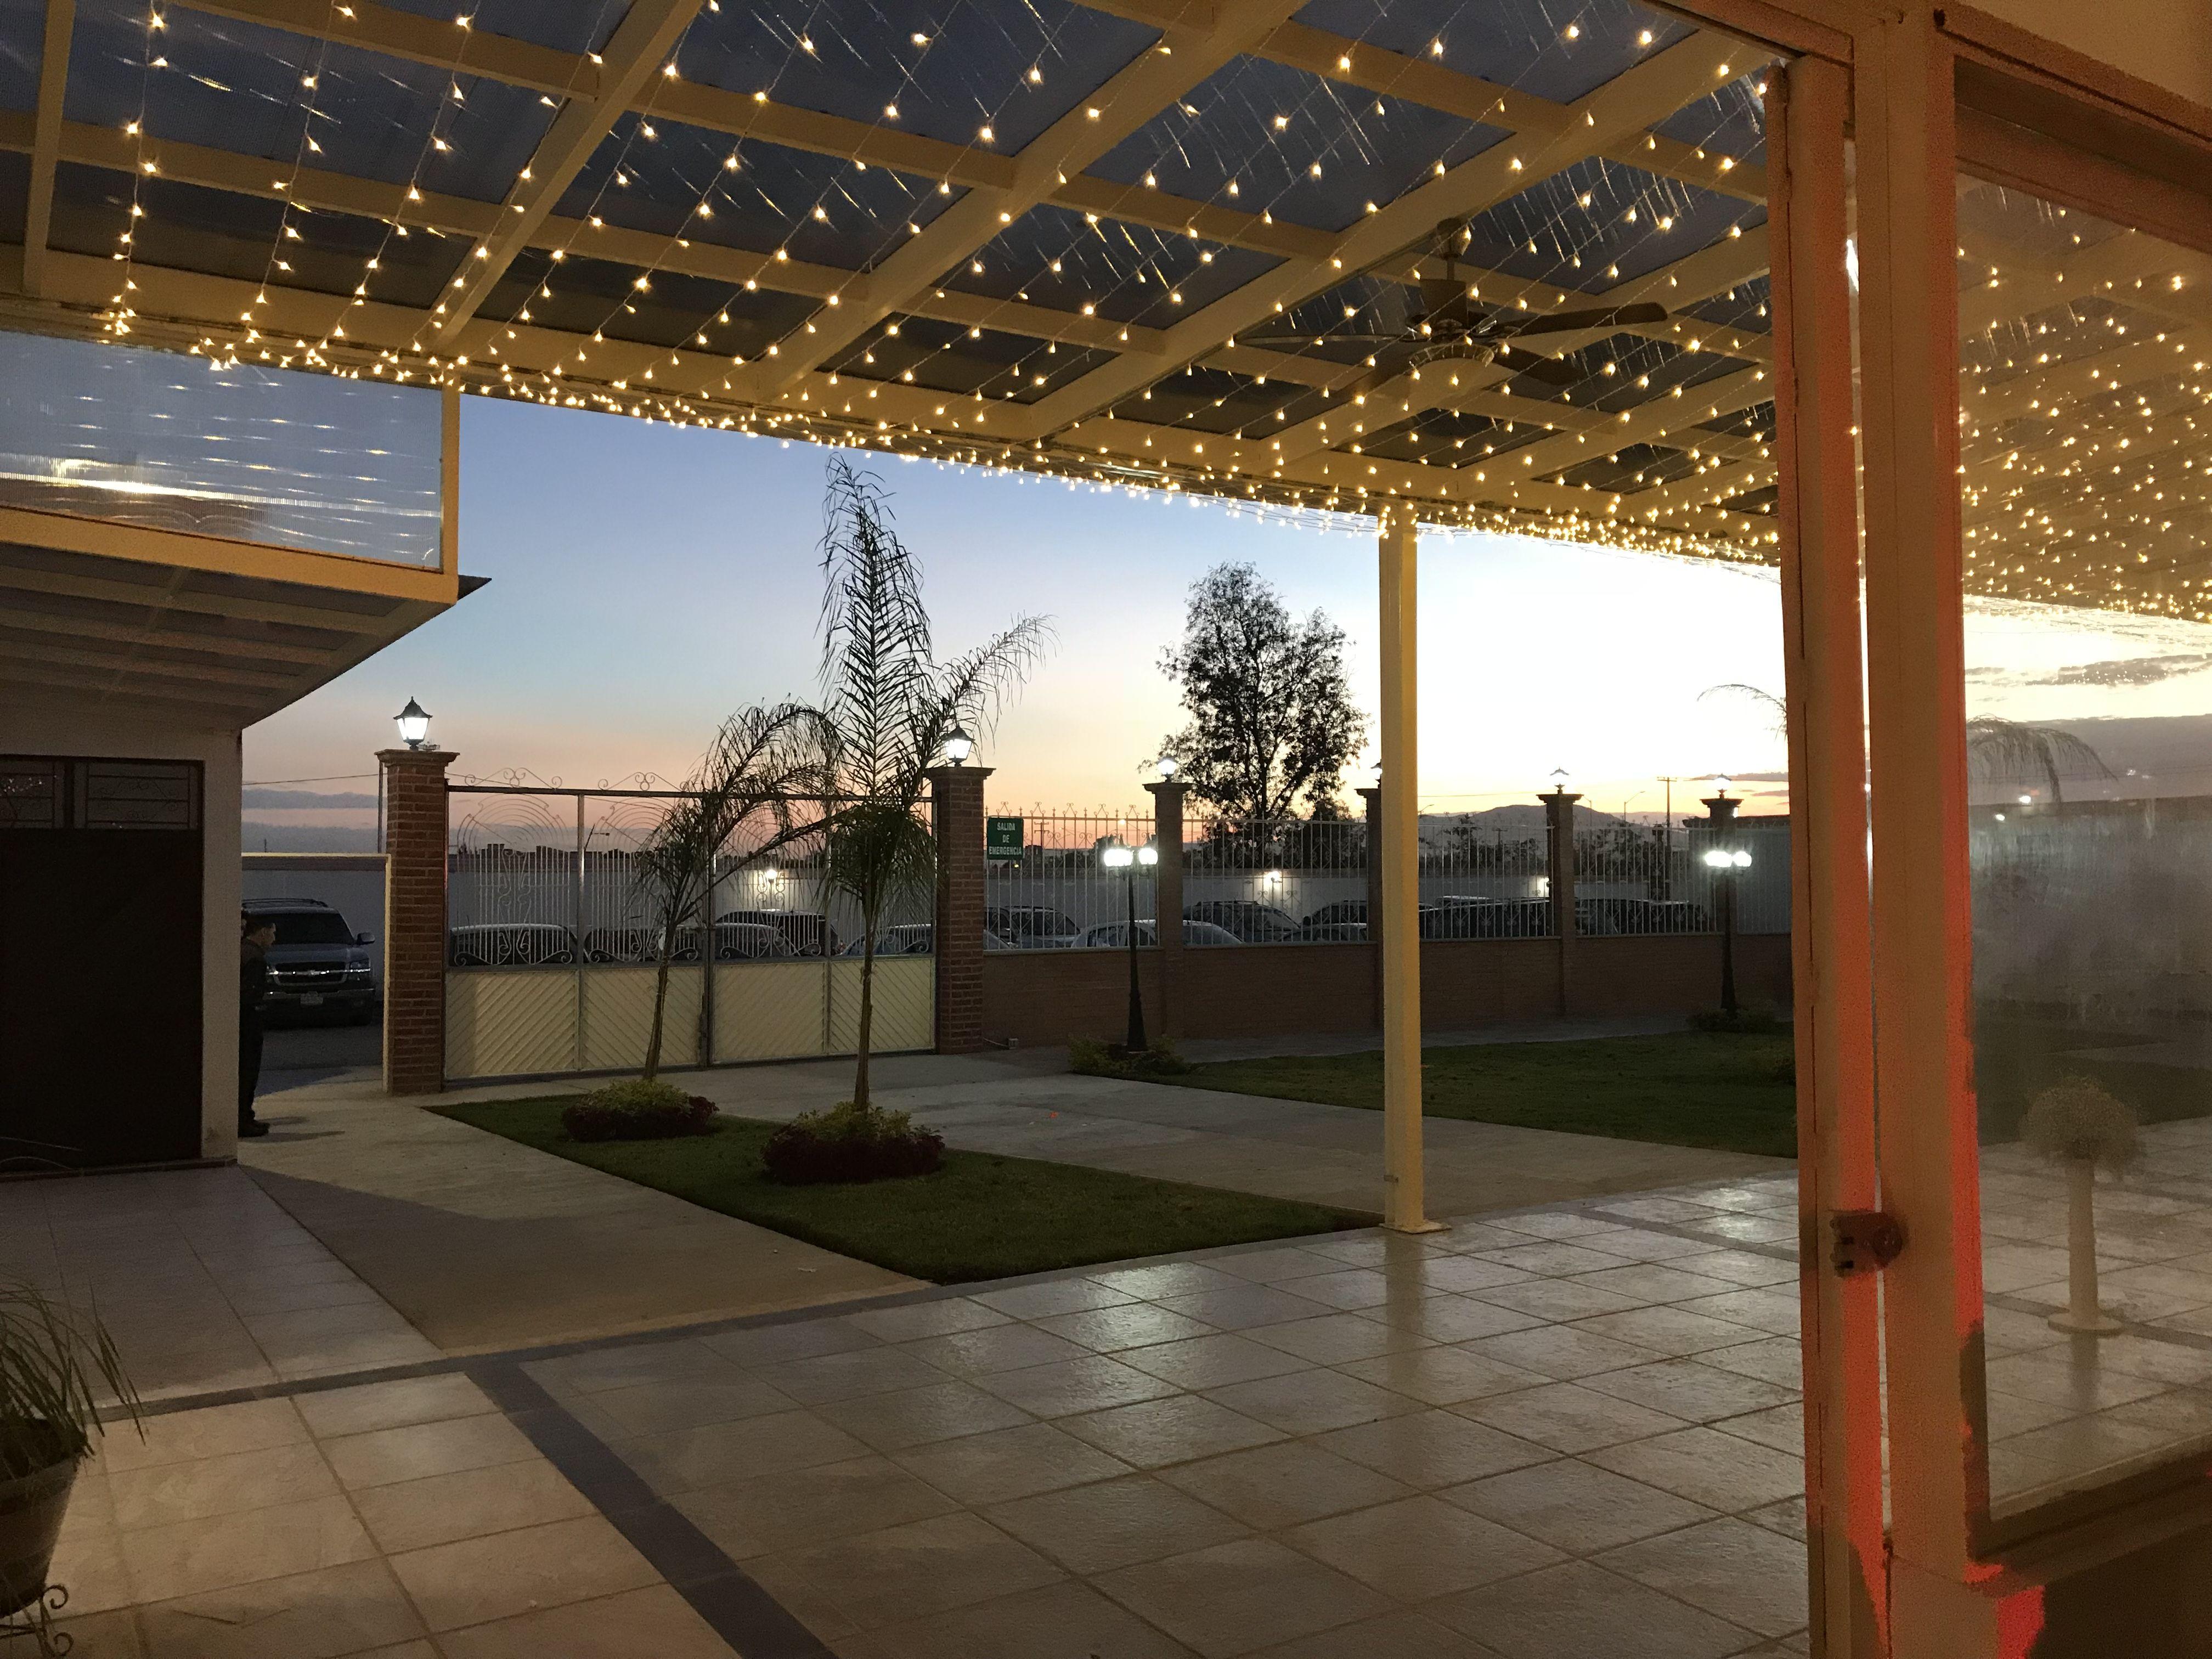 Atardecer Terraza Aranjuez Salón Eventos Luces